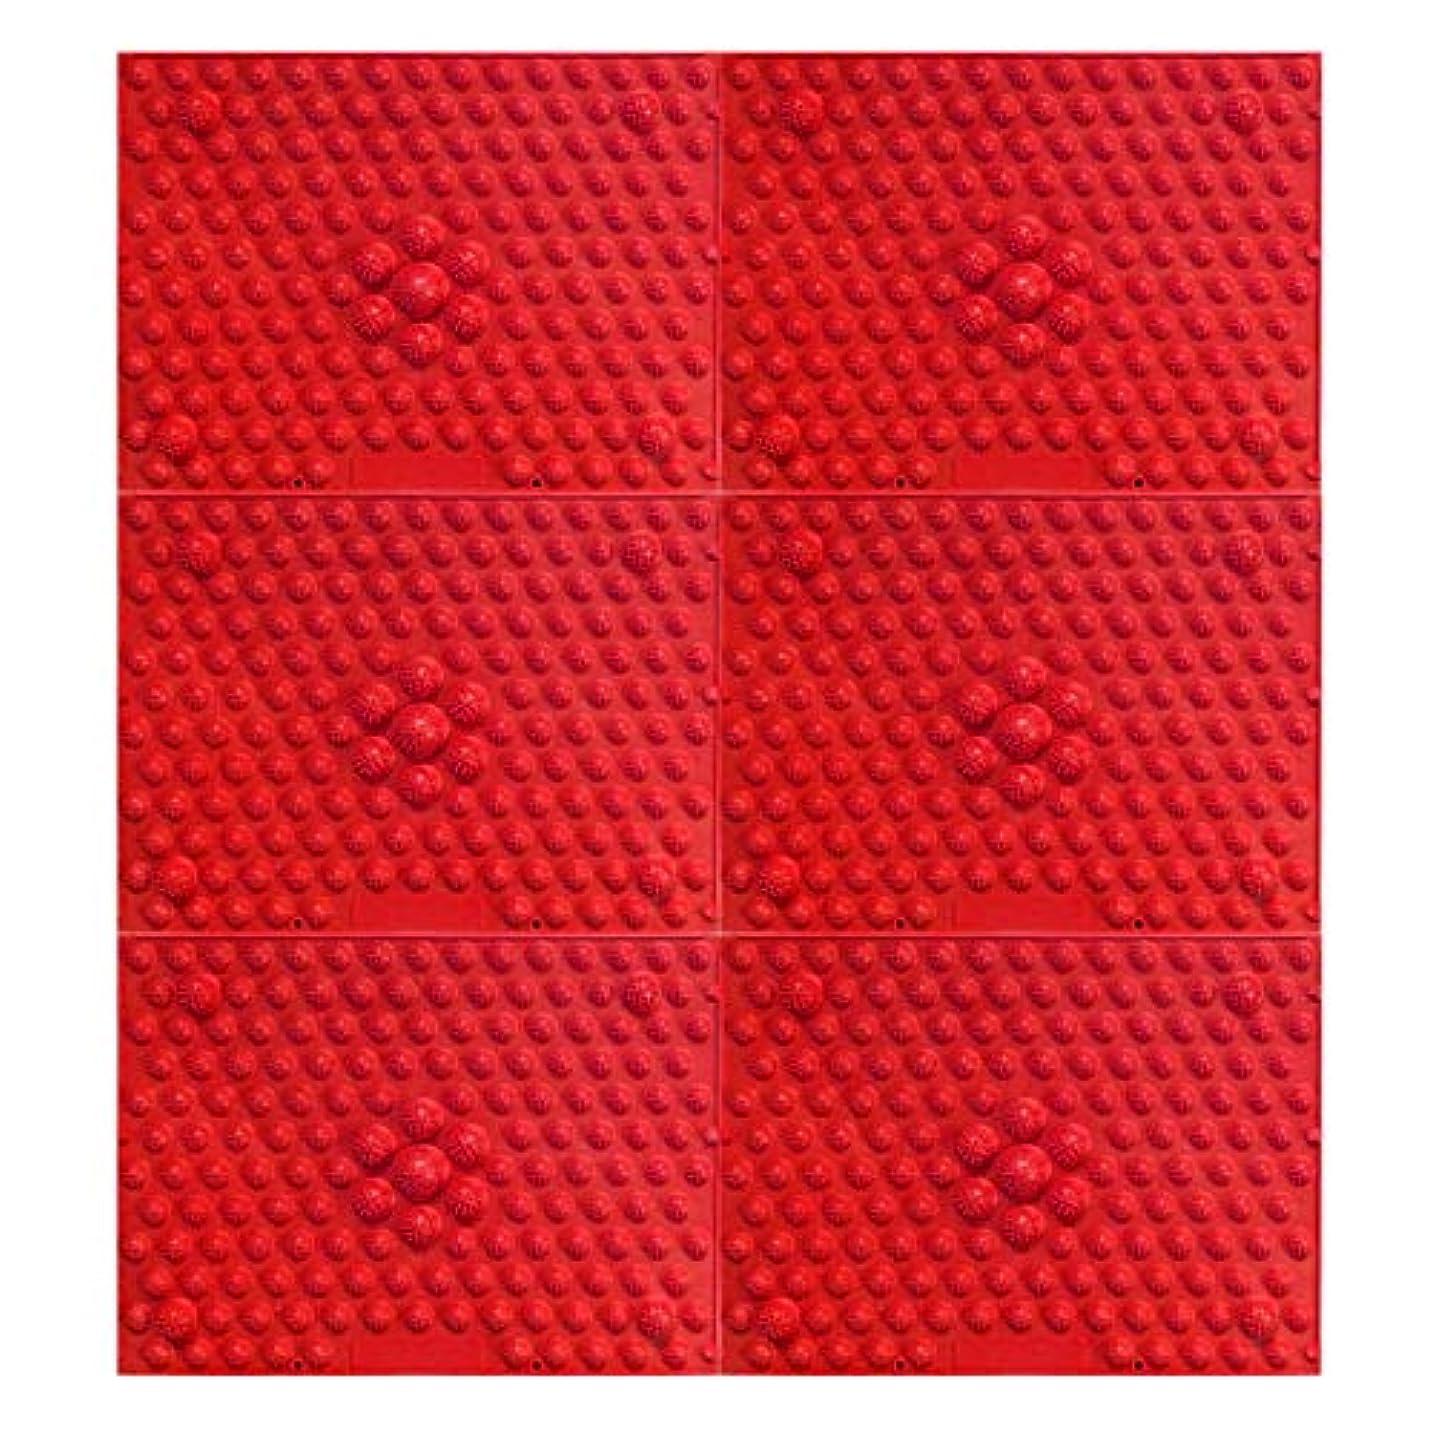 少年挨拶する本質的ではない疲れsirazu(足踏みマット)ピンク6枚セット (赤)